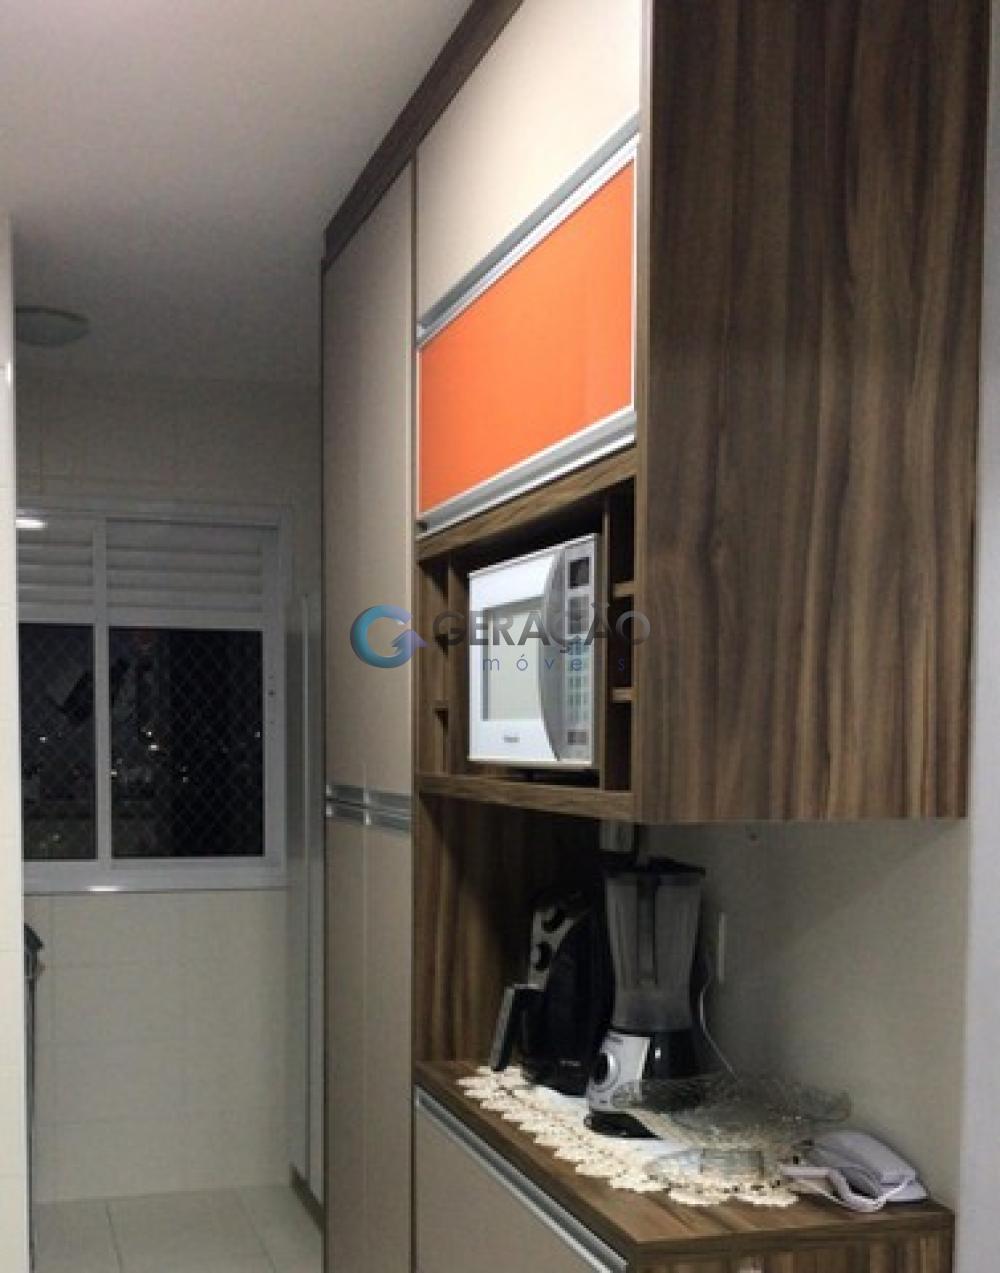 Comprar Apartamento / Padrão em São José dos Campos R$ 352.000,00 - Foto 6